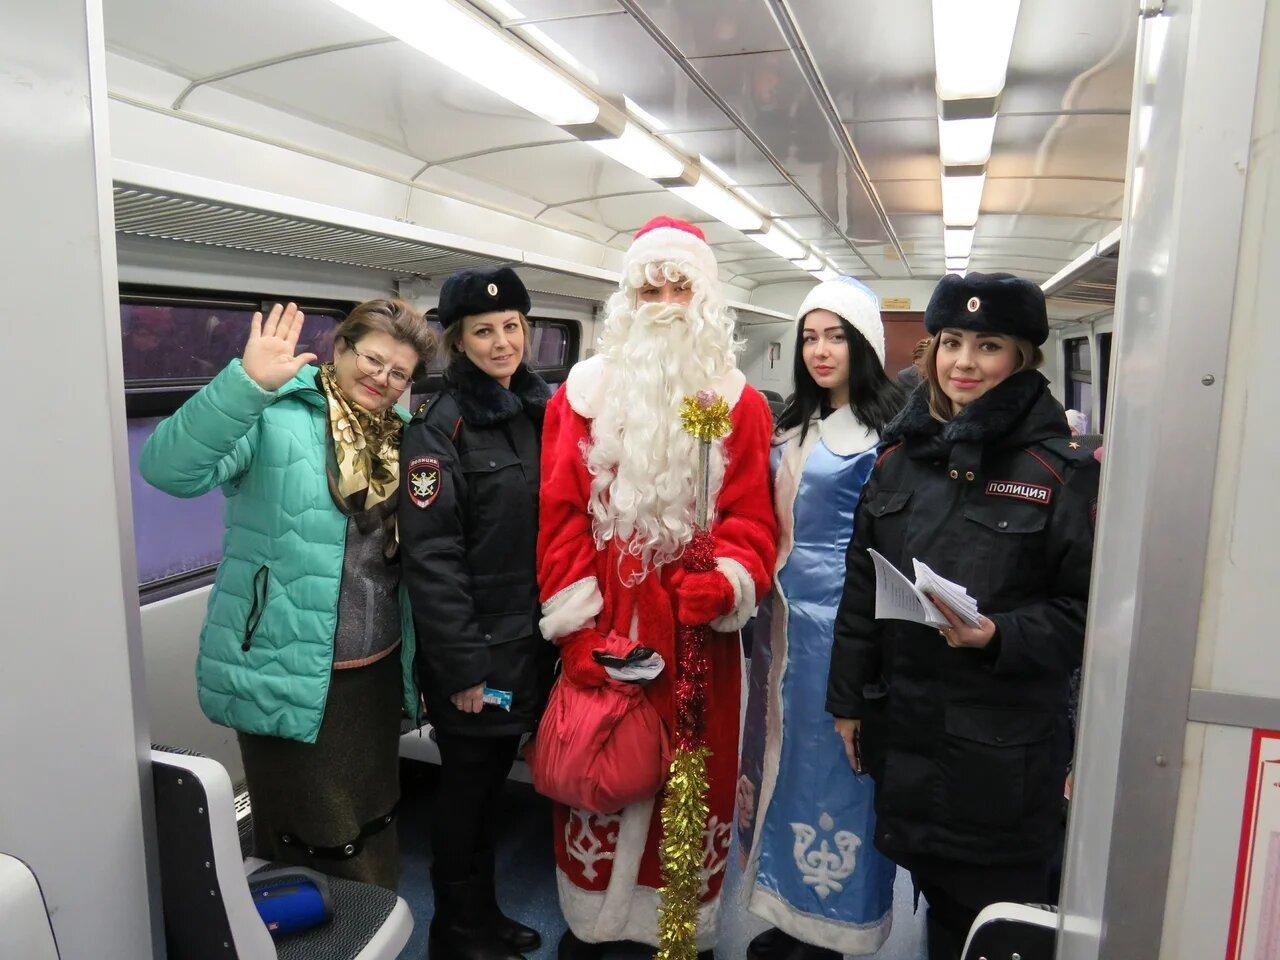 Полицейский Дед Мороз перед Новым годом пошёл в профилактический рейд